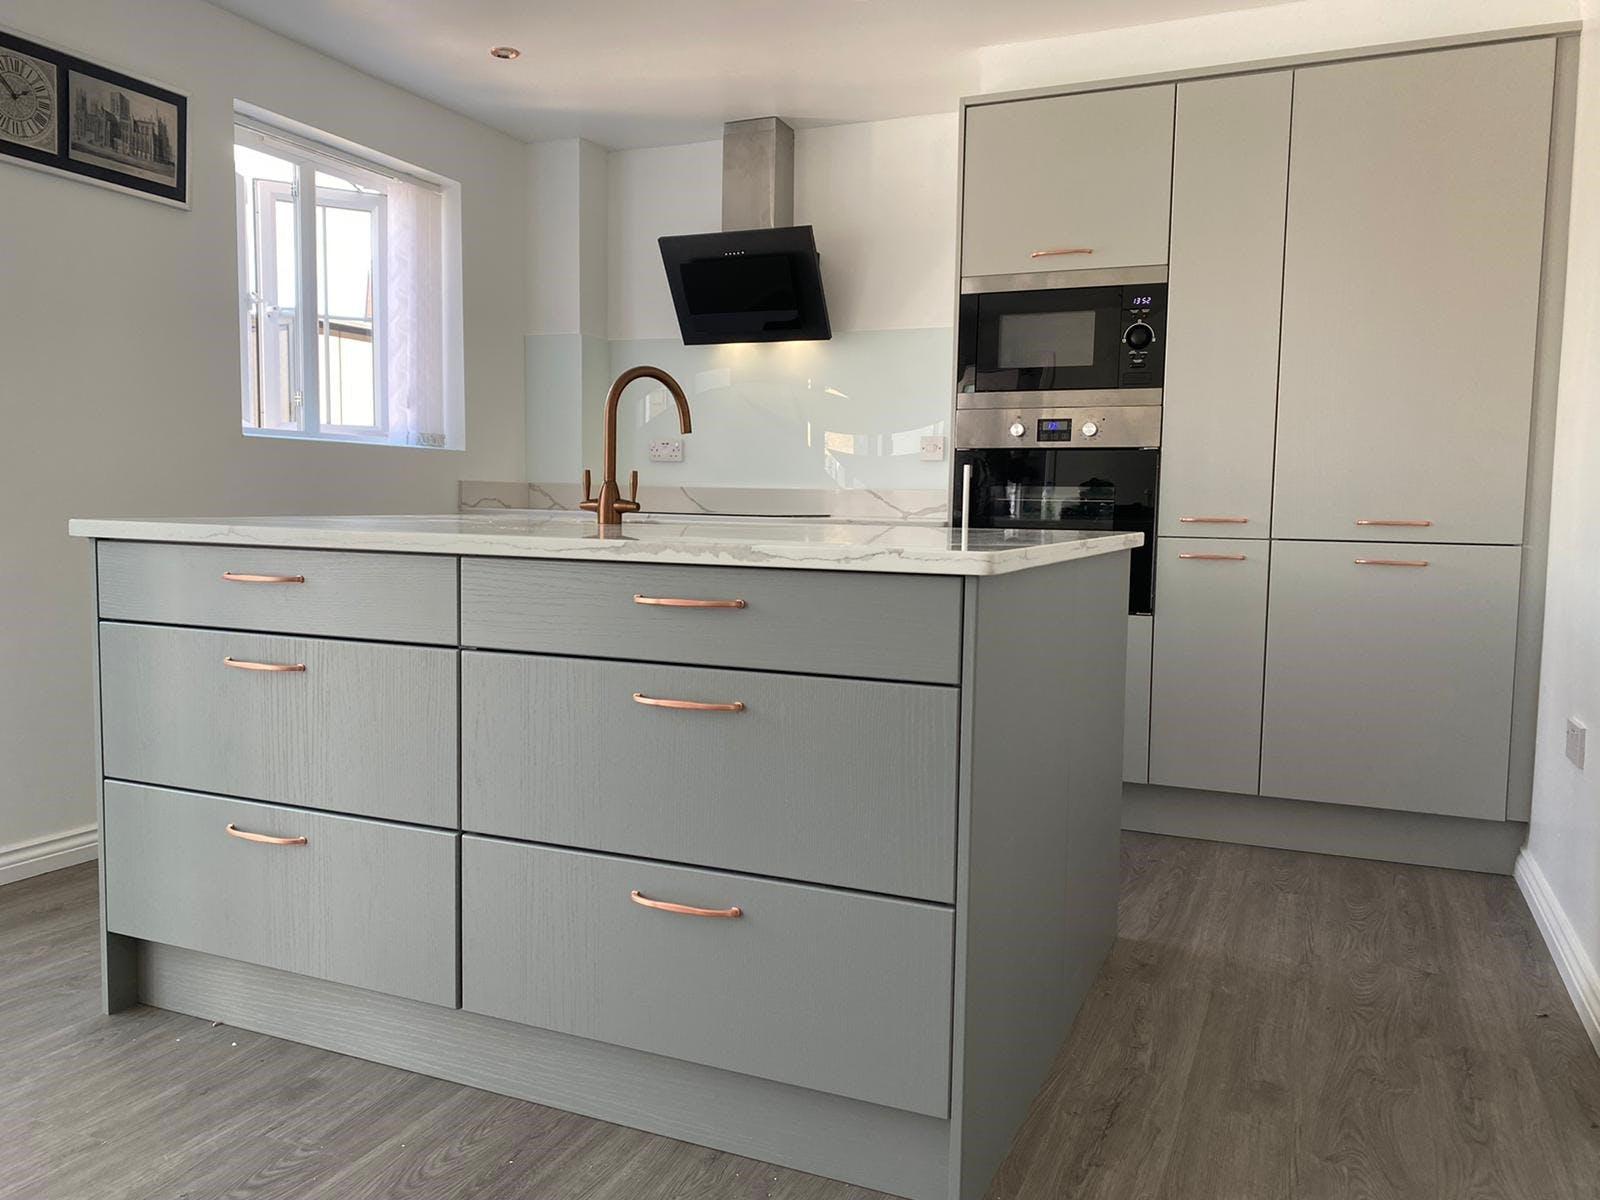 Calacatta Quartz Worktop On Grey Slab Kitchen With Copper Handles and Glass Splashback